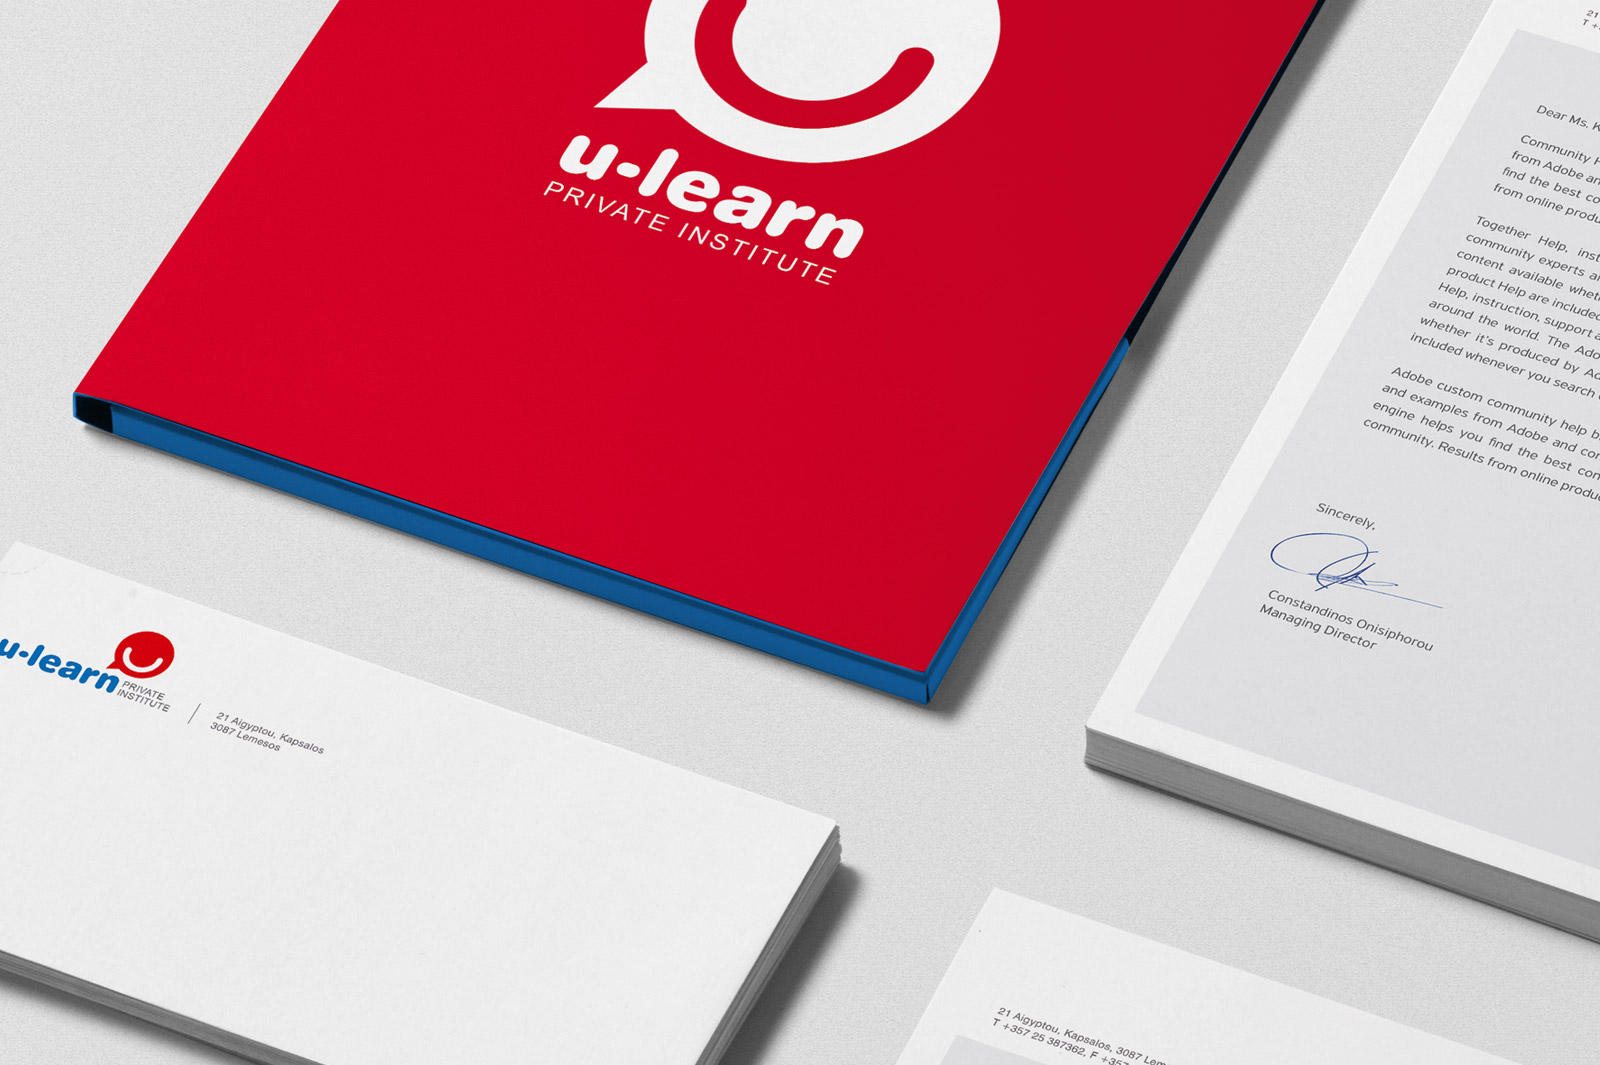 u-learn_05.jpg